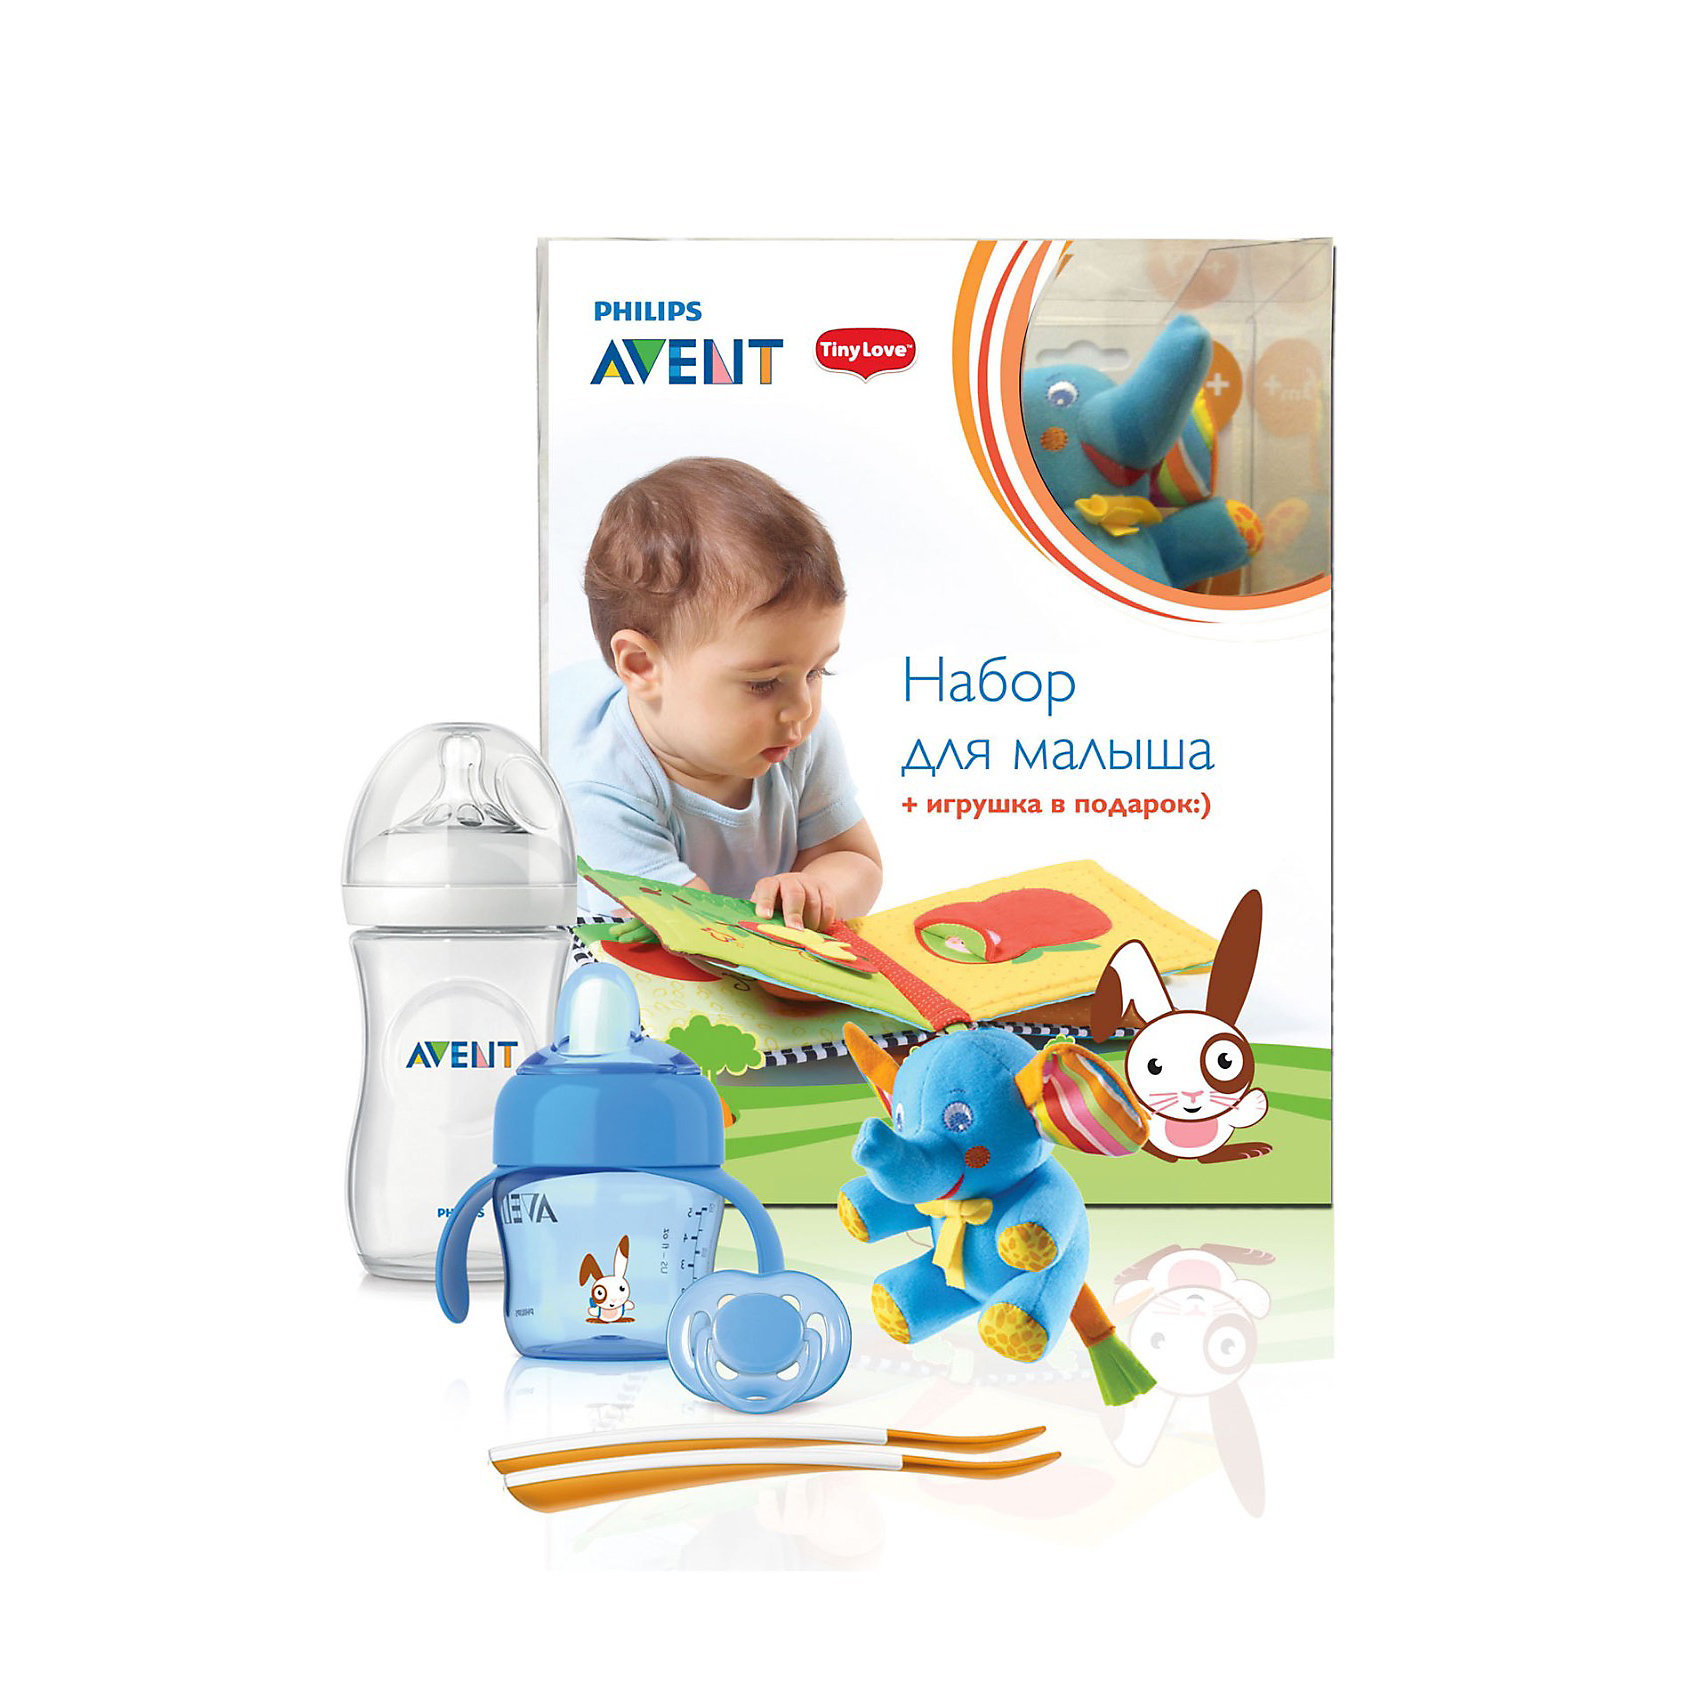 Набор для малыша с игрушкой, AVENT, голубойПоильники<br>Набор для малыша AVENT (Авент) с игрушкой, голубой - превосходный комплект для новорожденного и растущего малыша! <br><br>В состав набора входит:<br>1. Пустышка силиконовая FREEFLOW (ФриФлоу) 6-18 мес. BPA-Free, 1 шт. -  сочетает в себе ортодонтические свойства, которые учитывают строение и естественное развитие неба, зубов и десен ребенка, а изогнутый ободок FreeFlow (ФриФлоу) имеет 6 вентиляционных отверстий, что помогает предотвратить раздражение чувствительной кожи малыша<br><br>2. Развивающая игрушка Слоненок Элл, 1 шт.  Игрушку можно закрепить на коляске, коврике, кроватке или автокресле малыша с помощью надежного крепления-краб. К развивающим элементам Слоненка относятся: погремушка-колокольчик внутри слоненка, шуршащие уши, а так же вибрирующий механизм самой подвески (при притягивании слоника к себе, он начинает вибрировать и возвращаться в исходное положение). Материал: высококачественная пластмасса в сочетании с полиэстером и хлопком. Размеры: 12х6,5 см<br><br>3. Бутылочка для кормления. Серия Natural (Натурал), 260 мл, 1 шт. Благодаря инновационному дизайну малышу теперь легче захватить соску, а его сосательные движения будут такими же, как при кормлении грудью. Инновационный двойной клапан снижает вероятность колик, так как воздух поступает в бутылочку, а не в животик малыша. Материалы: полипропилен, не содержит бисфенол-A.<br><br>4. Чашка-поильник с носиком, 200 мл, 1 шт. Мягкий герметичный носик с запатентованным клапаном внутри контролирует поток, предотвращая проливание, даже если емкость с жидкостью переворачивается<br>Полностью совместима со всеми чашками и бутылочками AVENT (Авент). Можно мыть в посудомоечной машине, можно стерилизовать. Изготавливаются из полипропилена и силикона, не содержат бисфенол-А.<br><br>5. Ложки для введения прикорма, 2шт. Длинная нескользящая  ручка (длина ложки: 15,5 см) идеальна для рук взрослого и для кормления из глубоких емкостей. В комплекте: 2 ложки. Материа